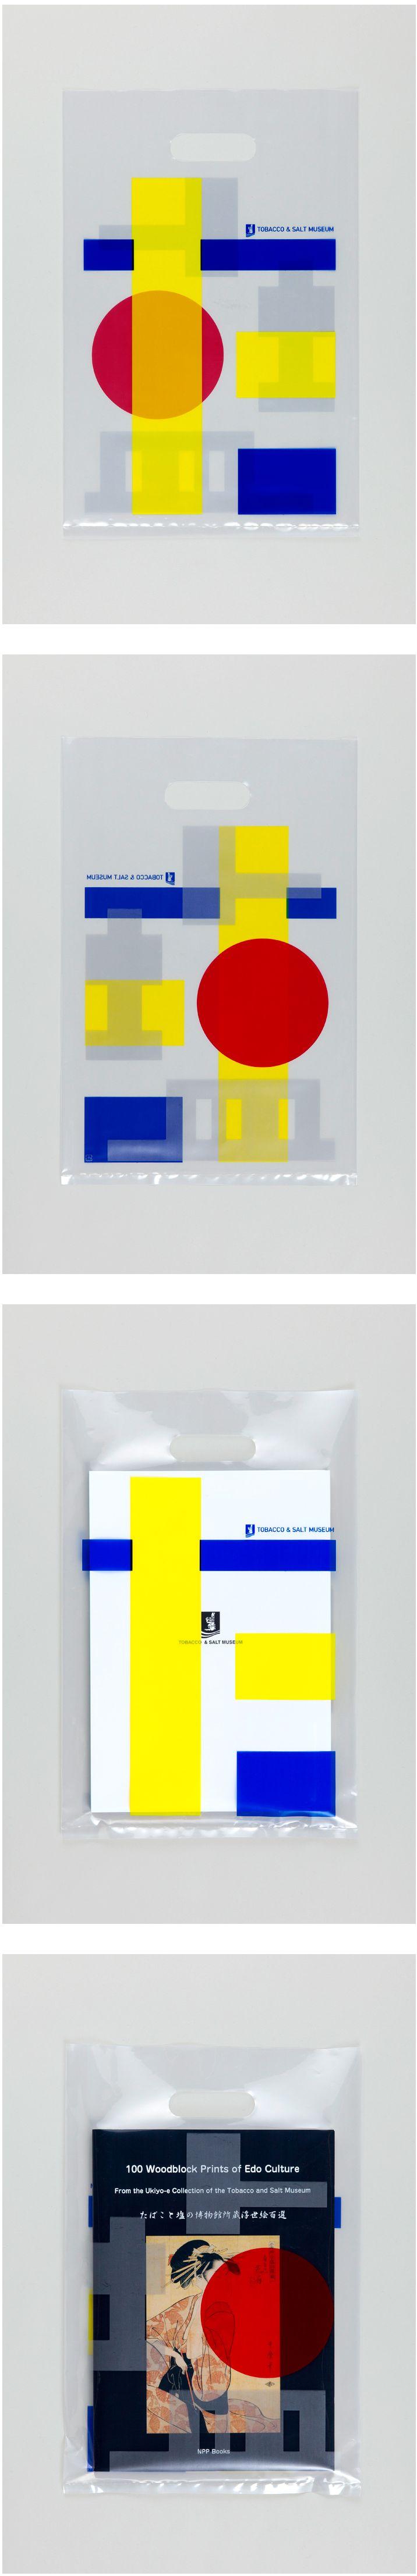 たばこと塩の博物館ビニールバッグ | homesickdesign